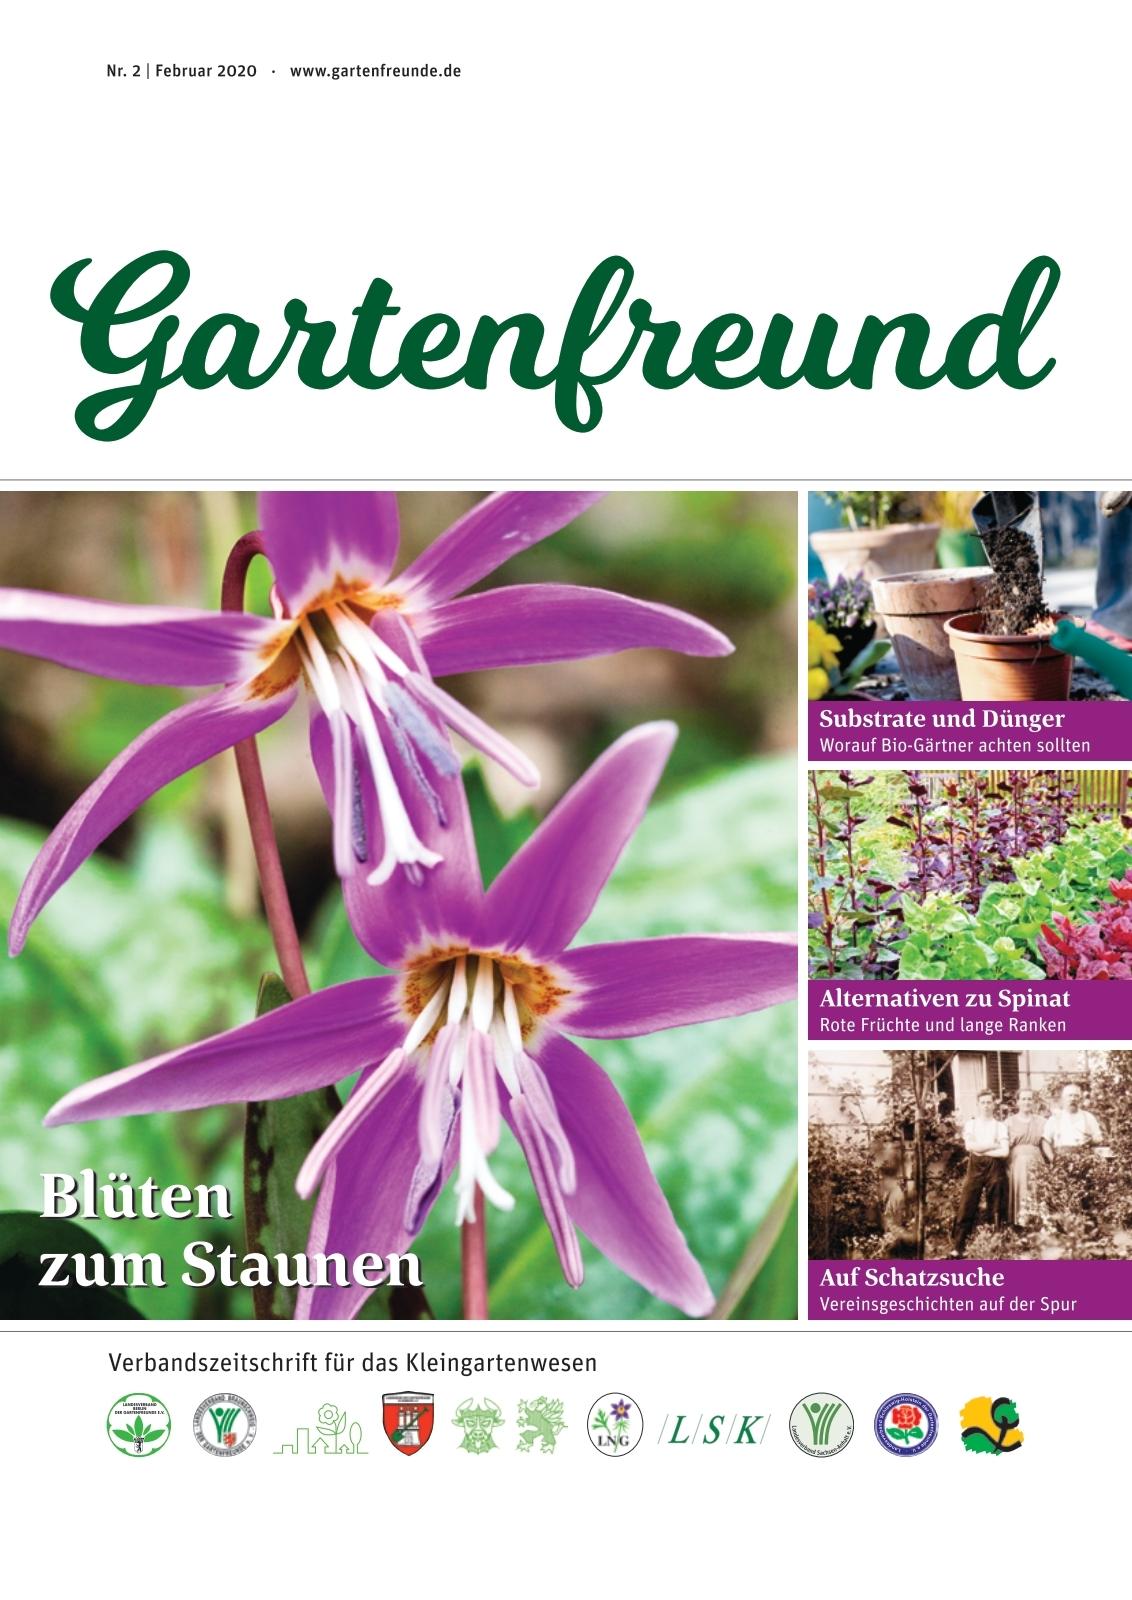 Gartenfreund 2020 02 01